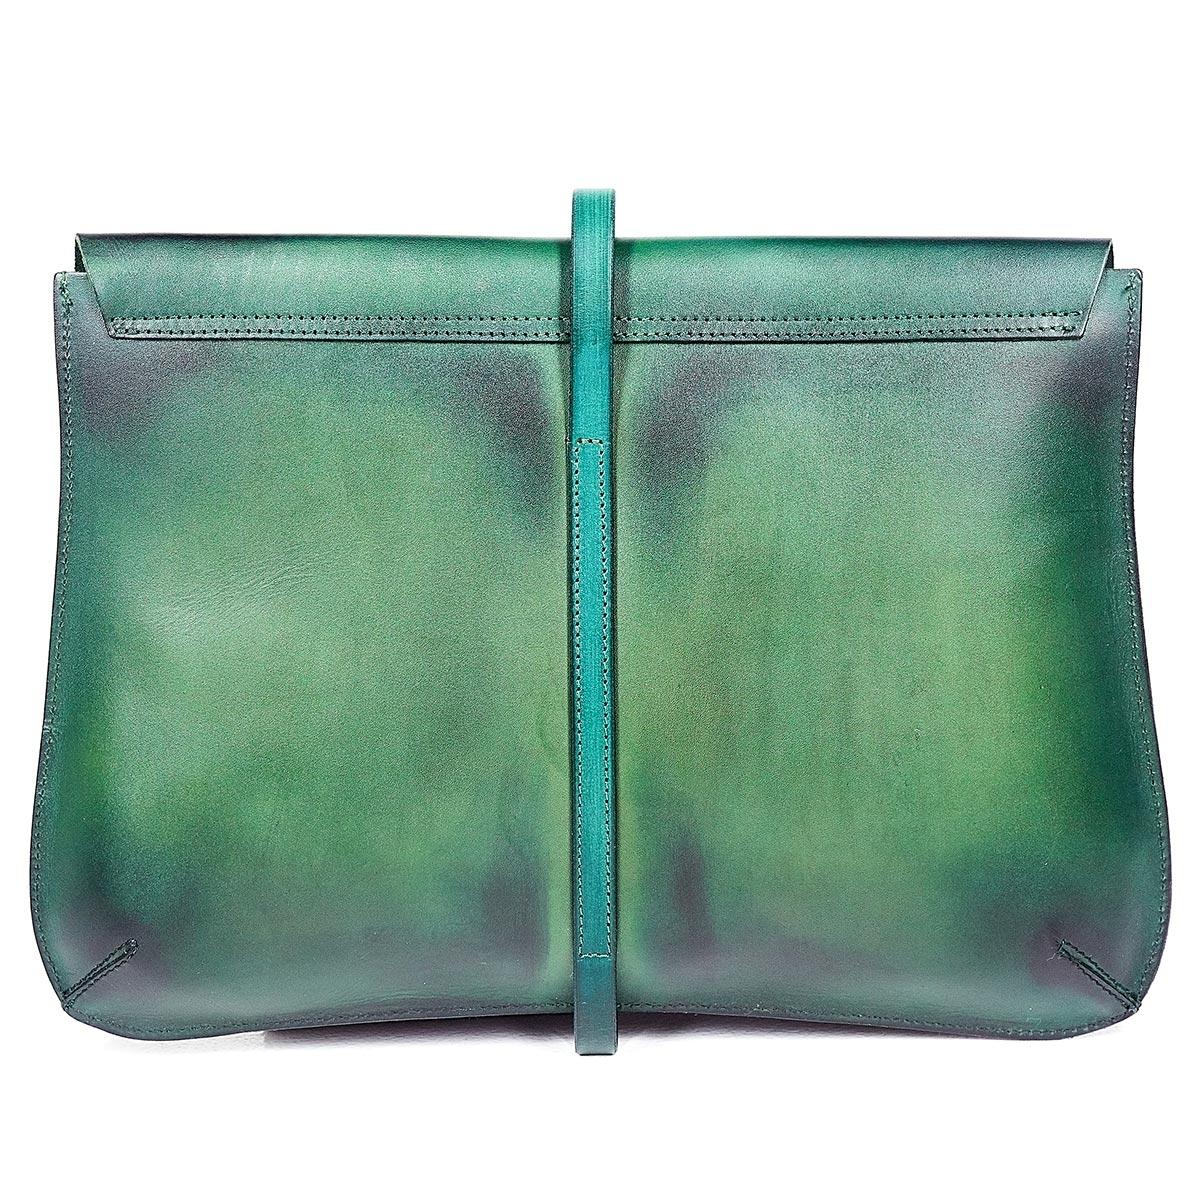 Elegant clutch CELLO / 13'' MacBook case grassy green & bluemarine